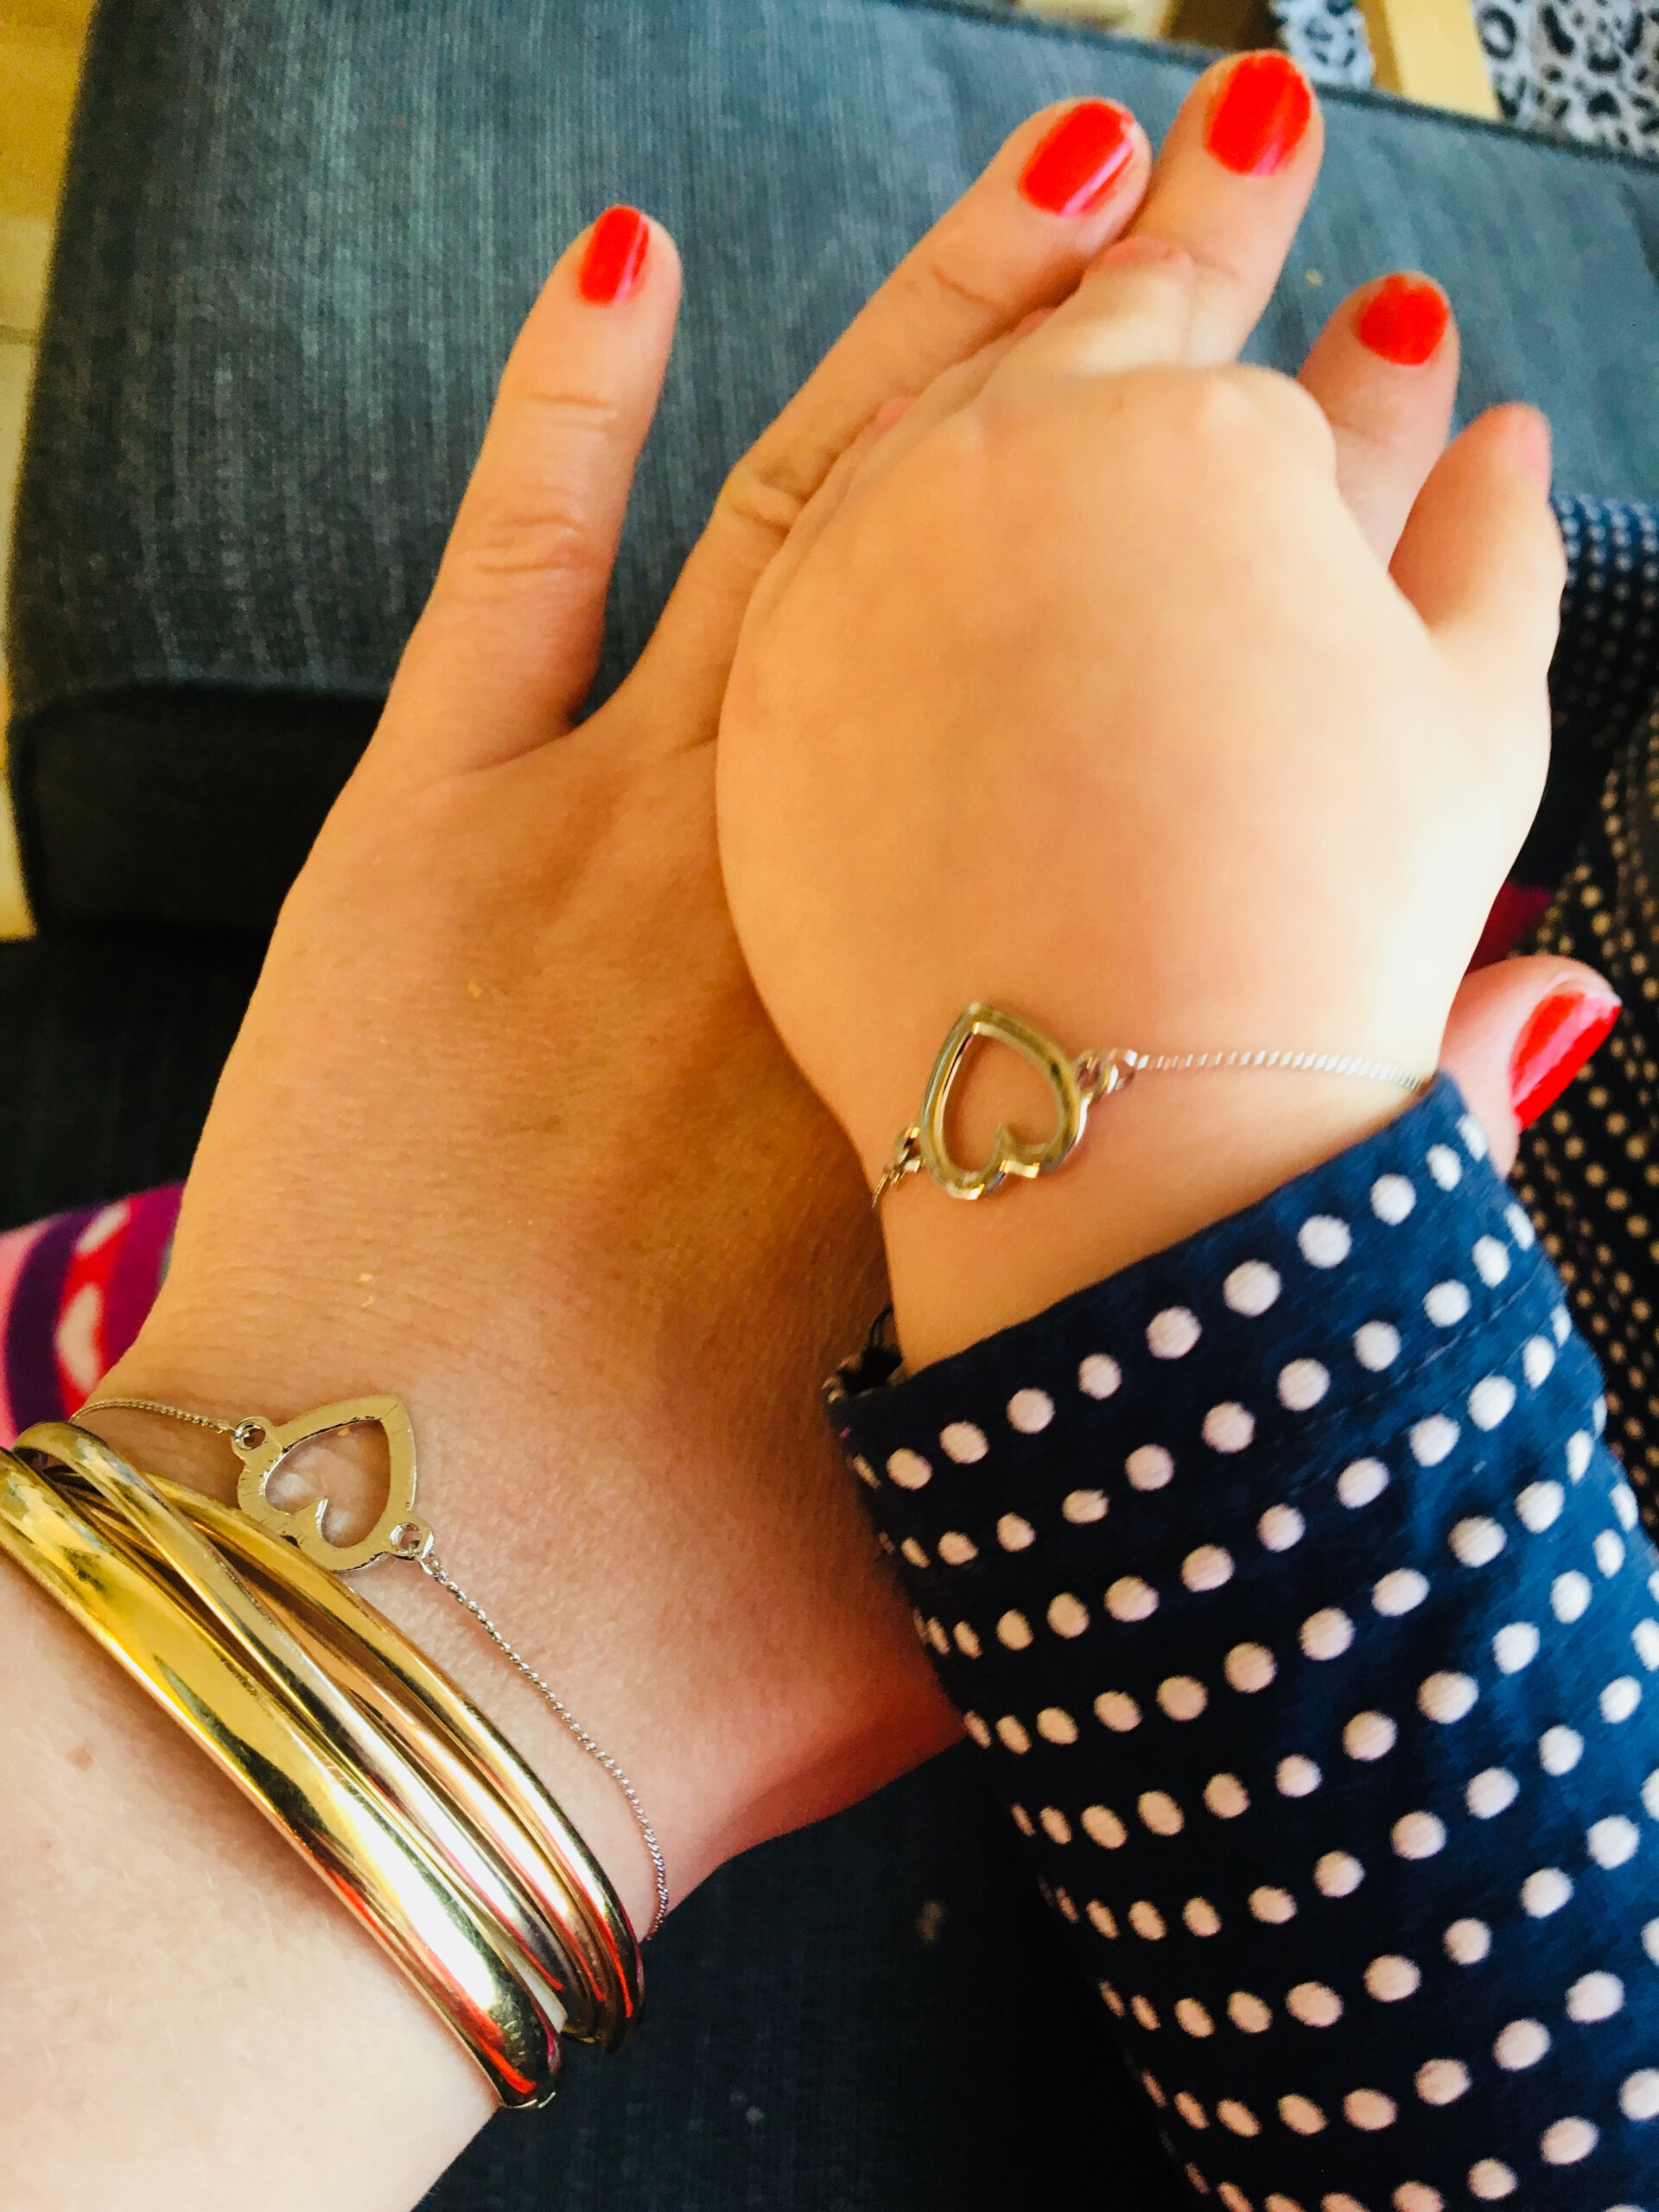 kusjesdag, armband met een verhaal, persoonlijke ring, sieraden, symbolisch, hart, liefde